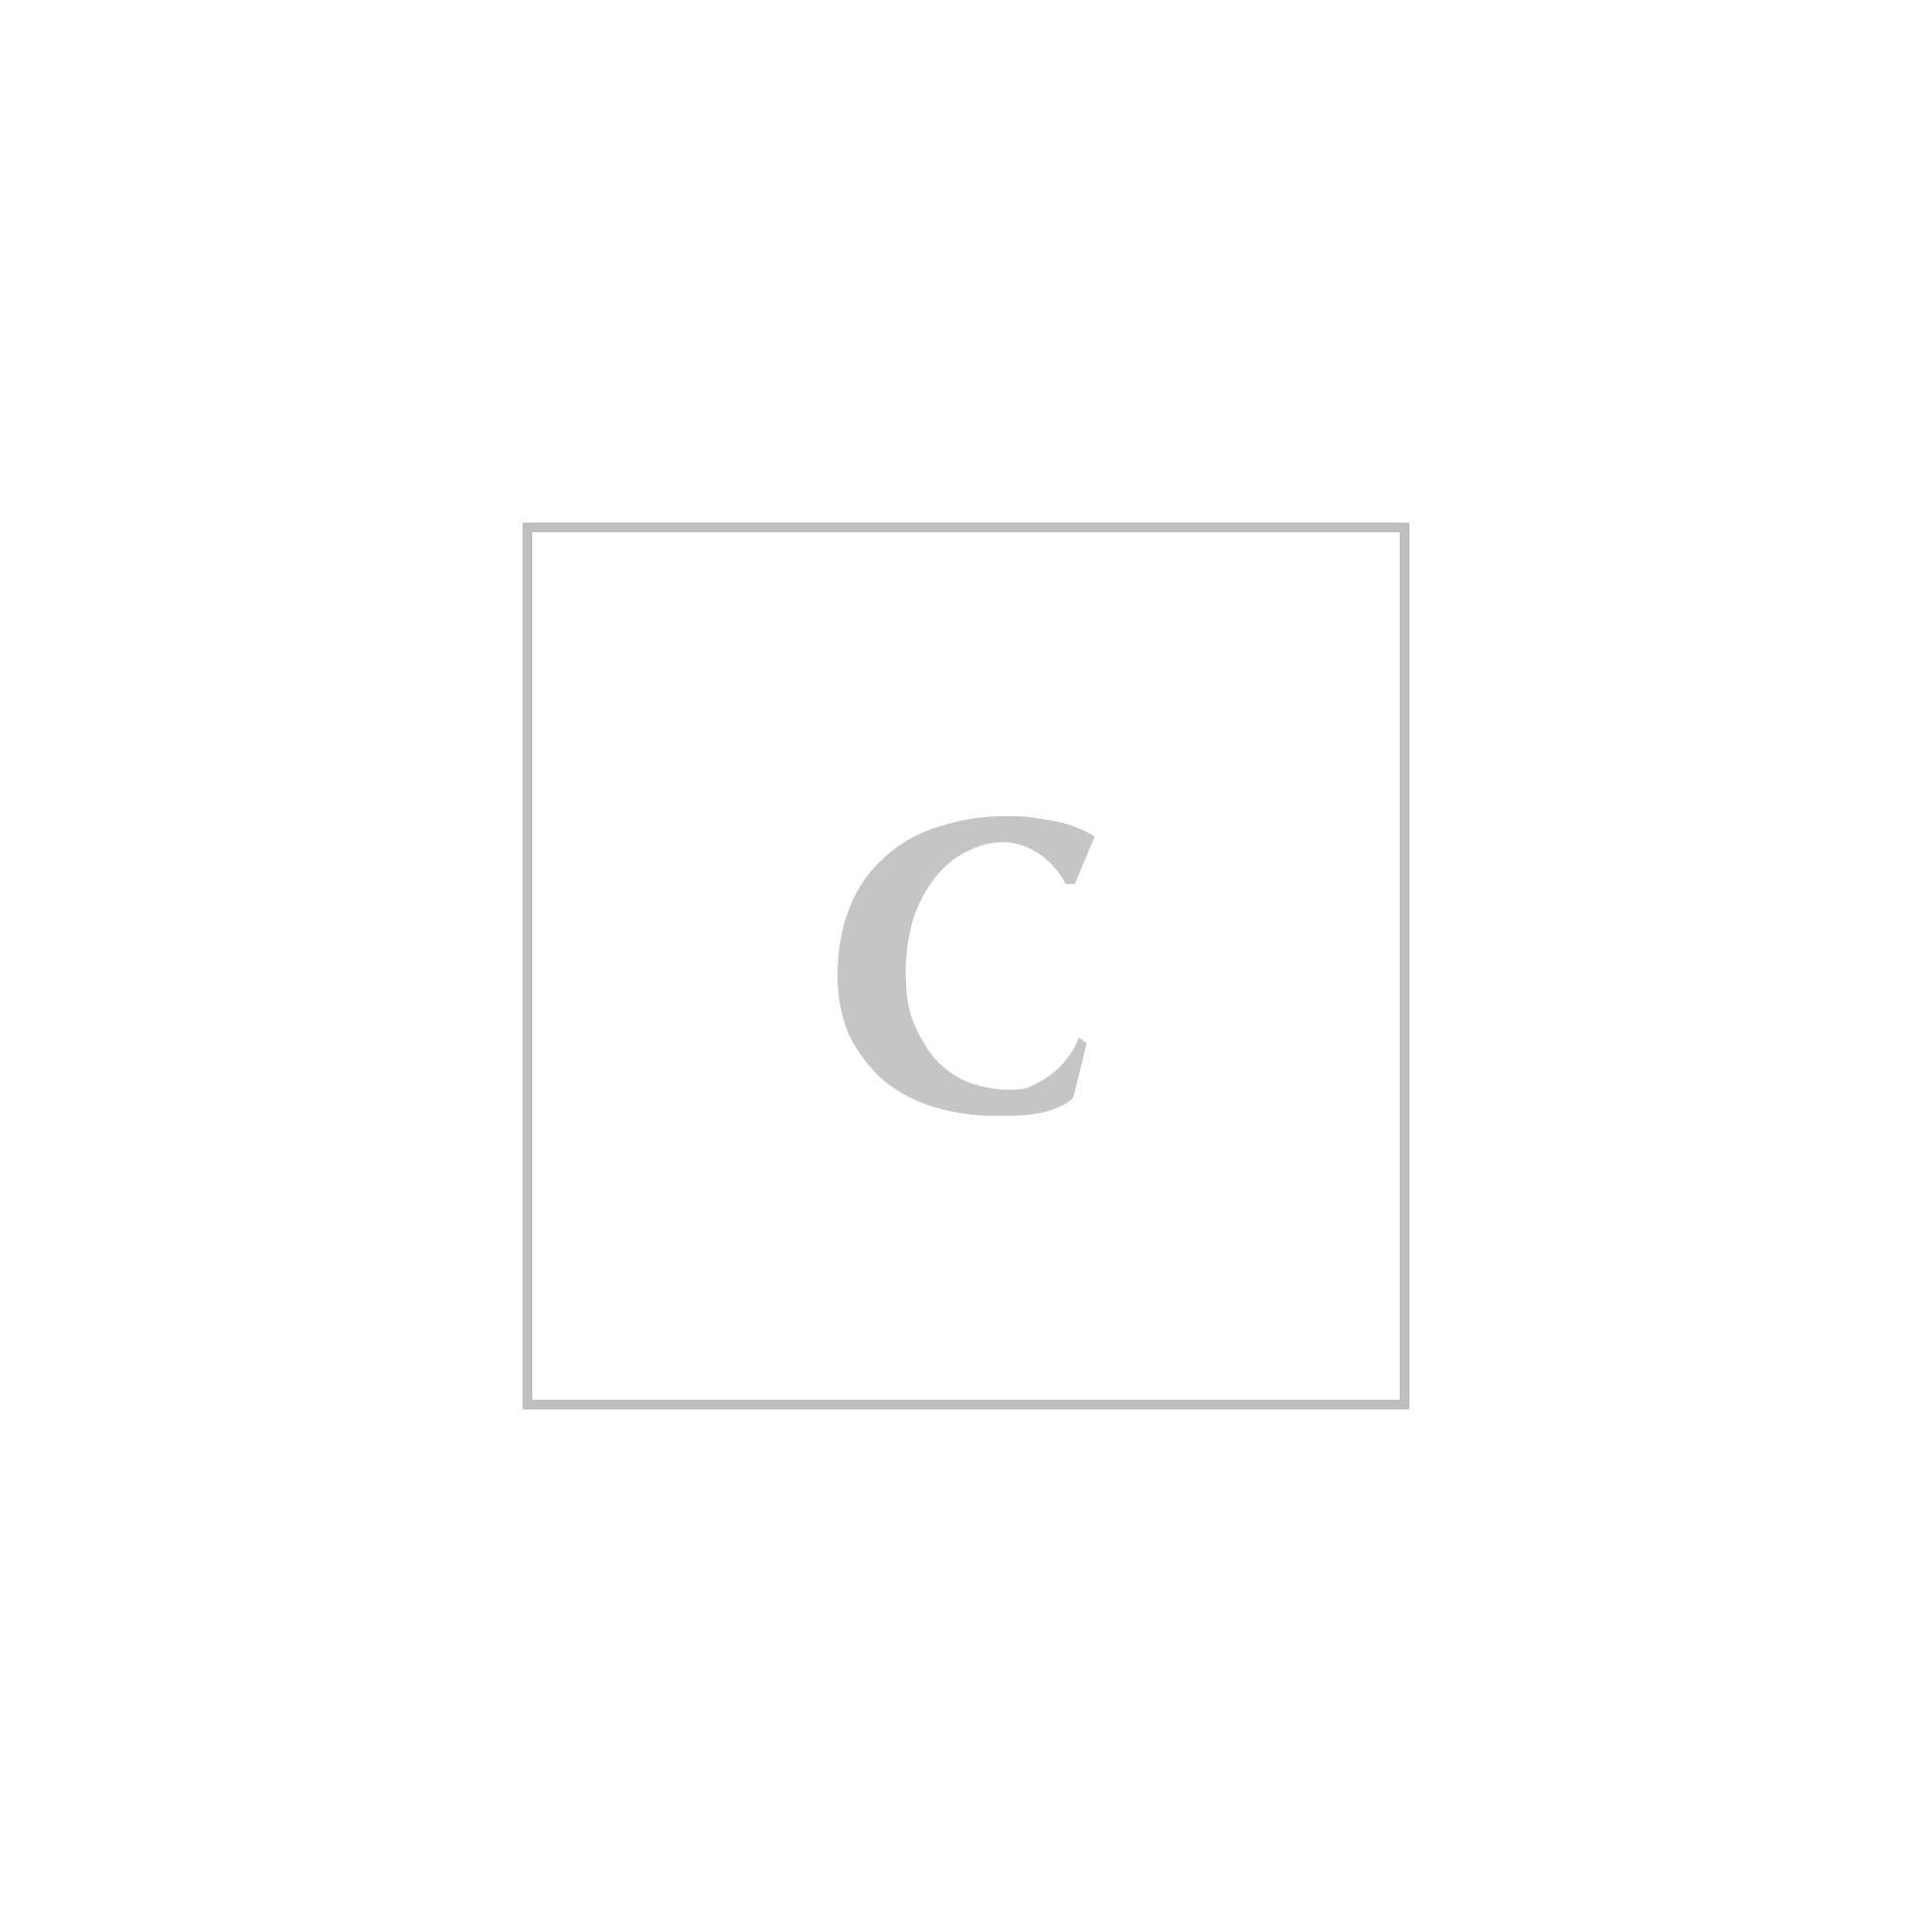 portafoglio monogram accessori uomo